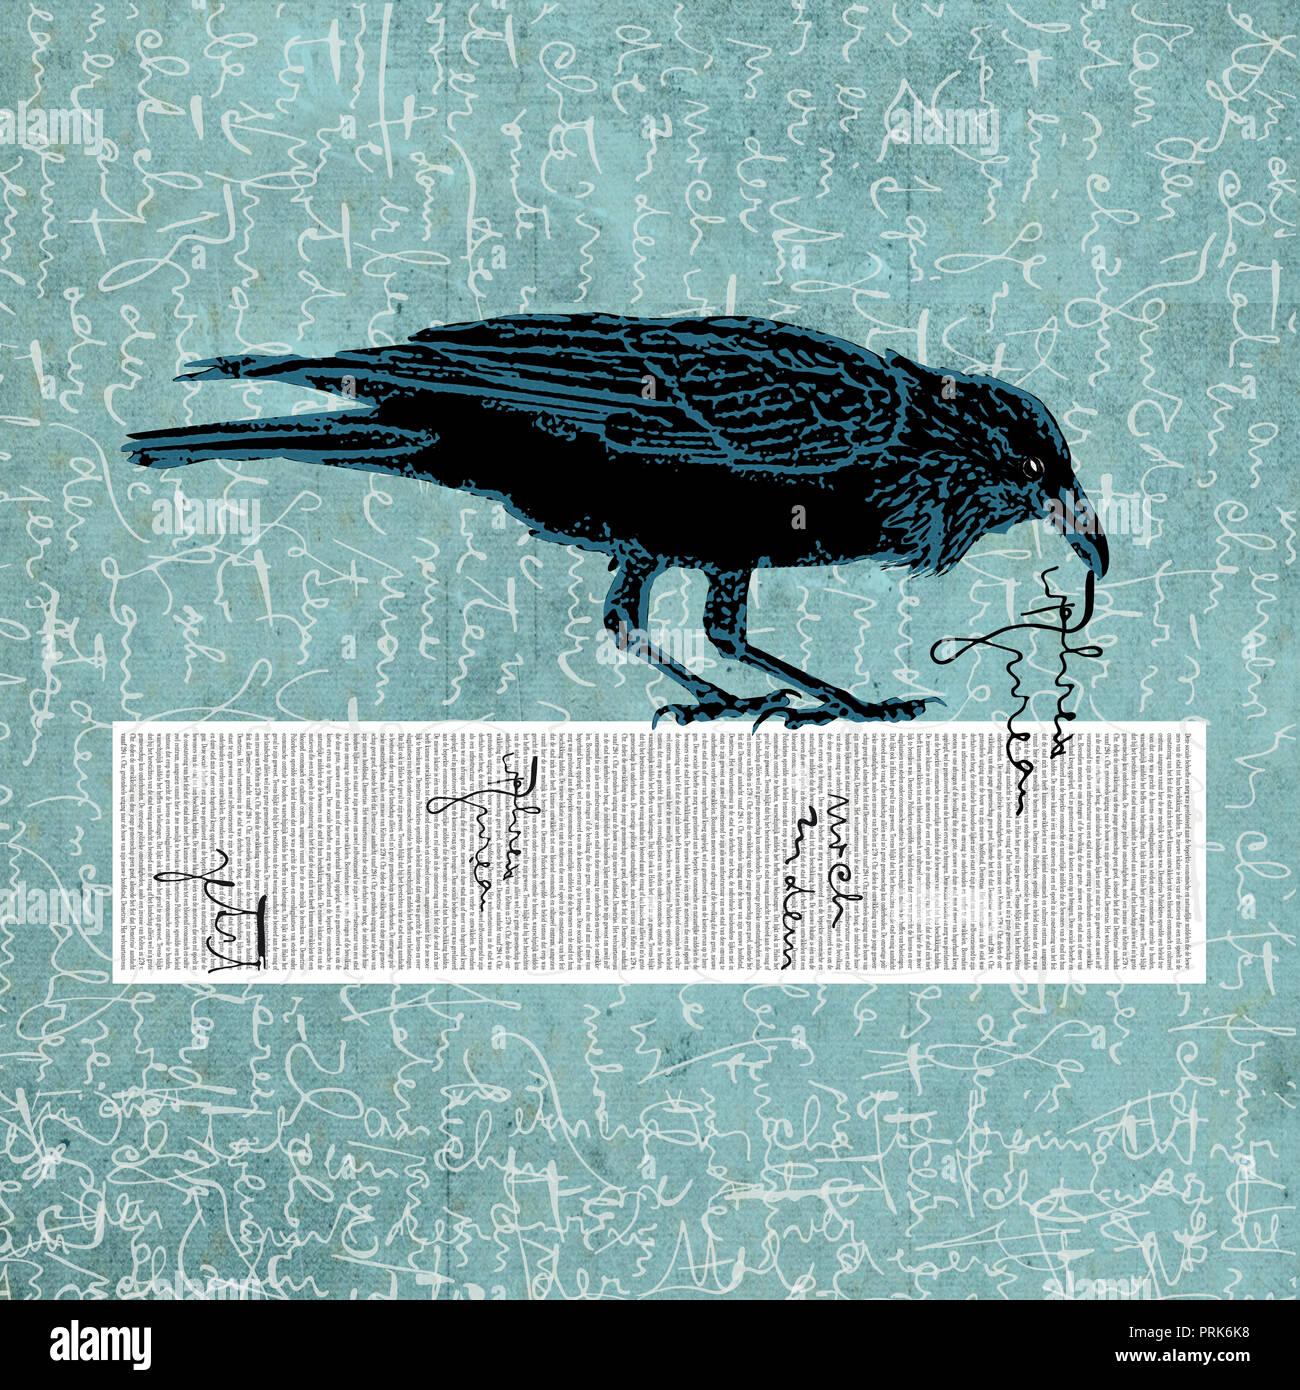 Raven roba texto de copia Foto de stock